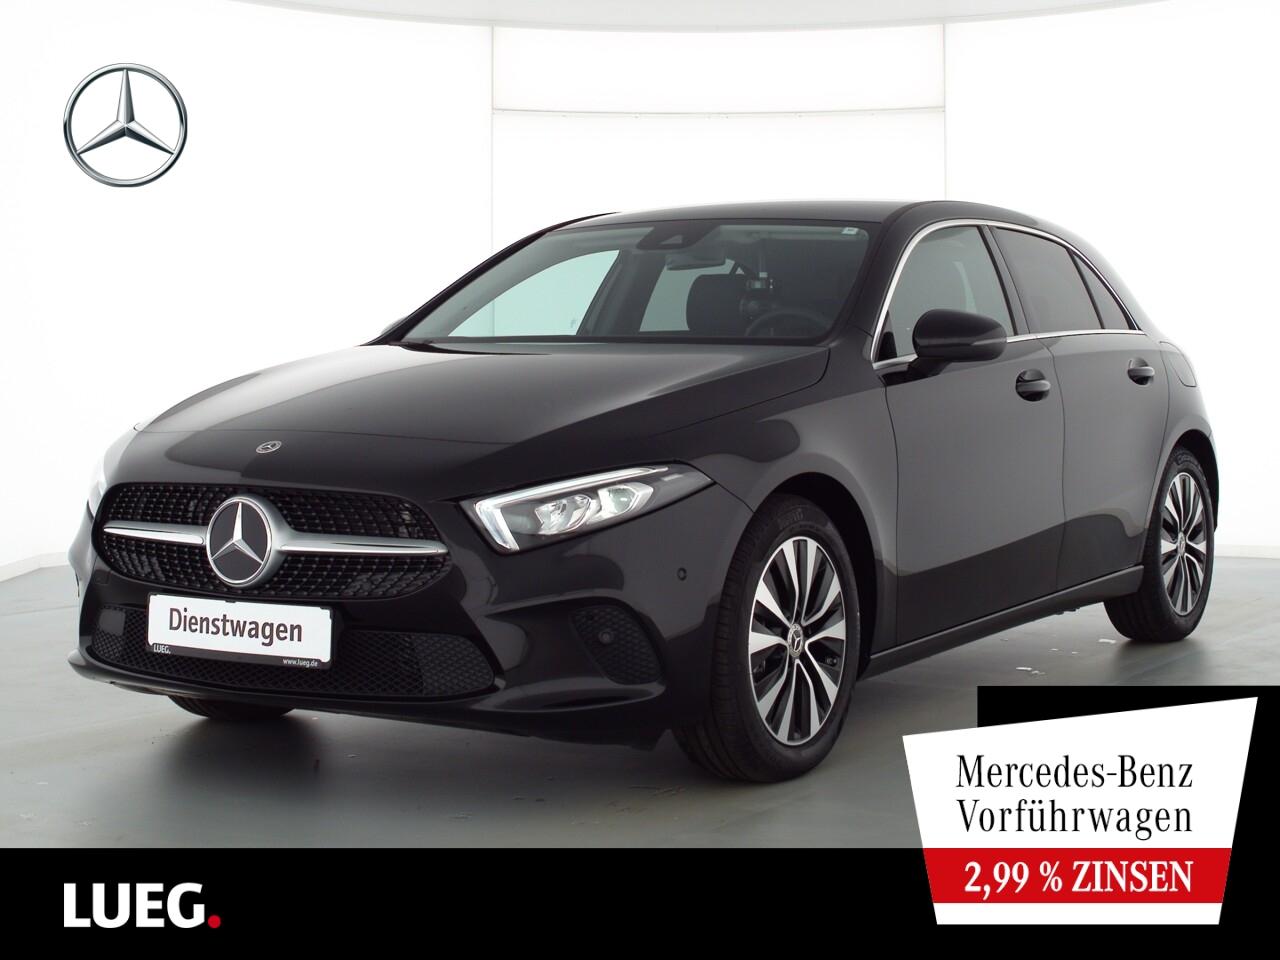 Mercedes-Benz A 180 PROGRESSIVE+TOTW+KAMERA+LED+PTS+DKL.GLAS, Jahr 2021, Benzin